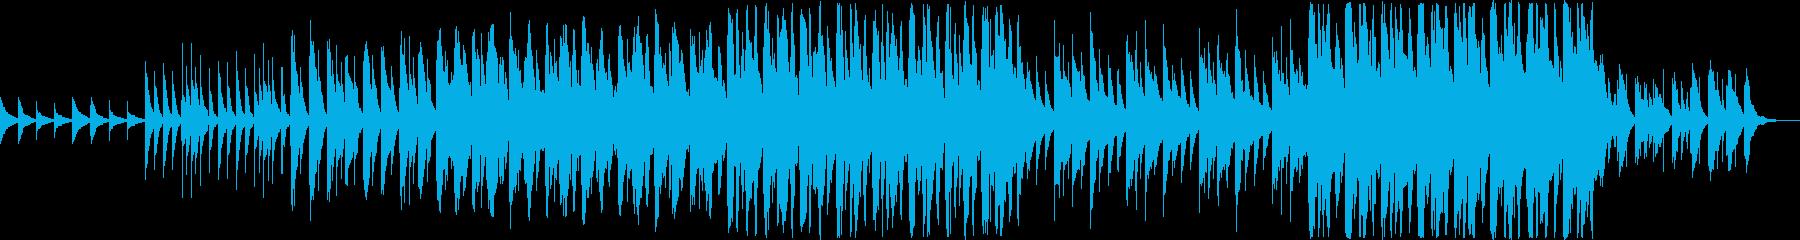 クリスマス オーケストラ ピアノ ...の再生済みの波形